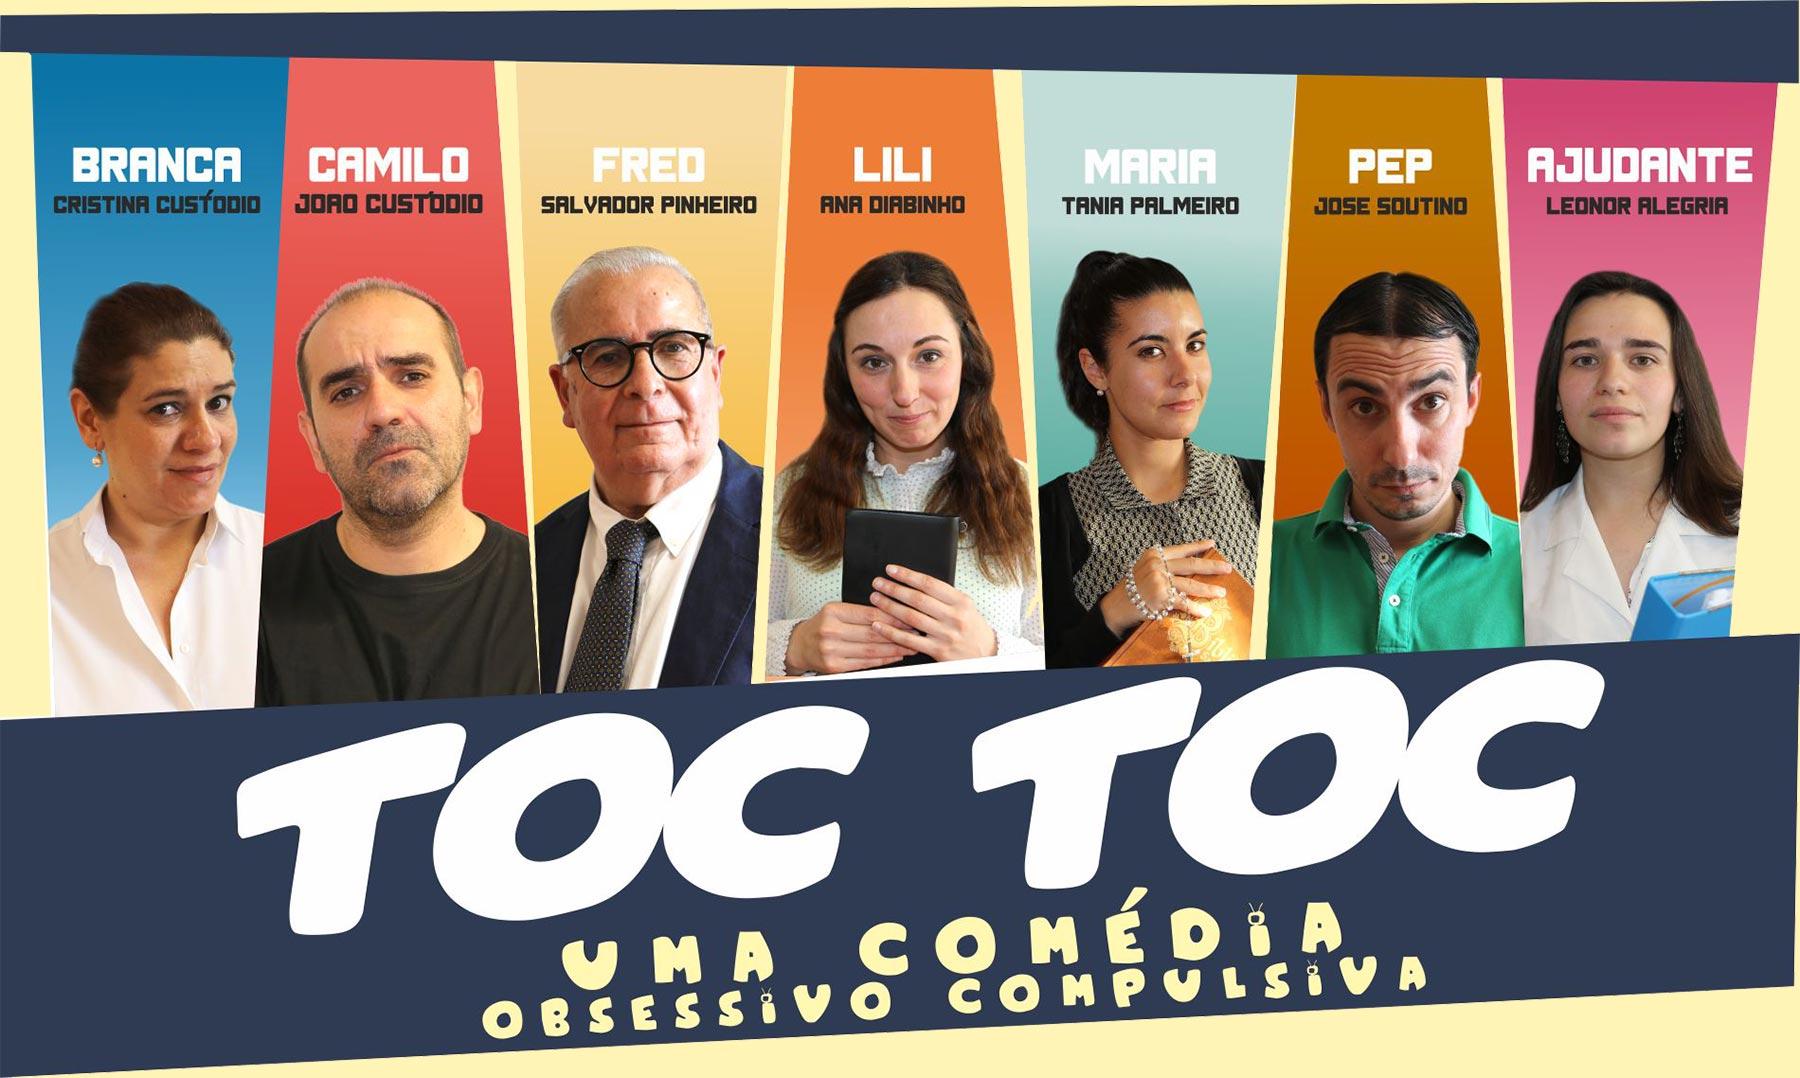 Toc Toc estreia